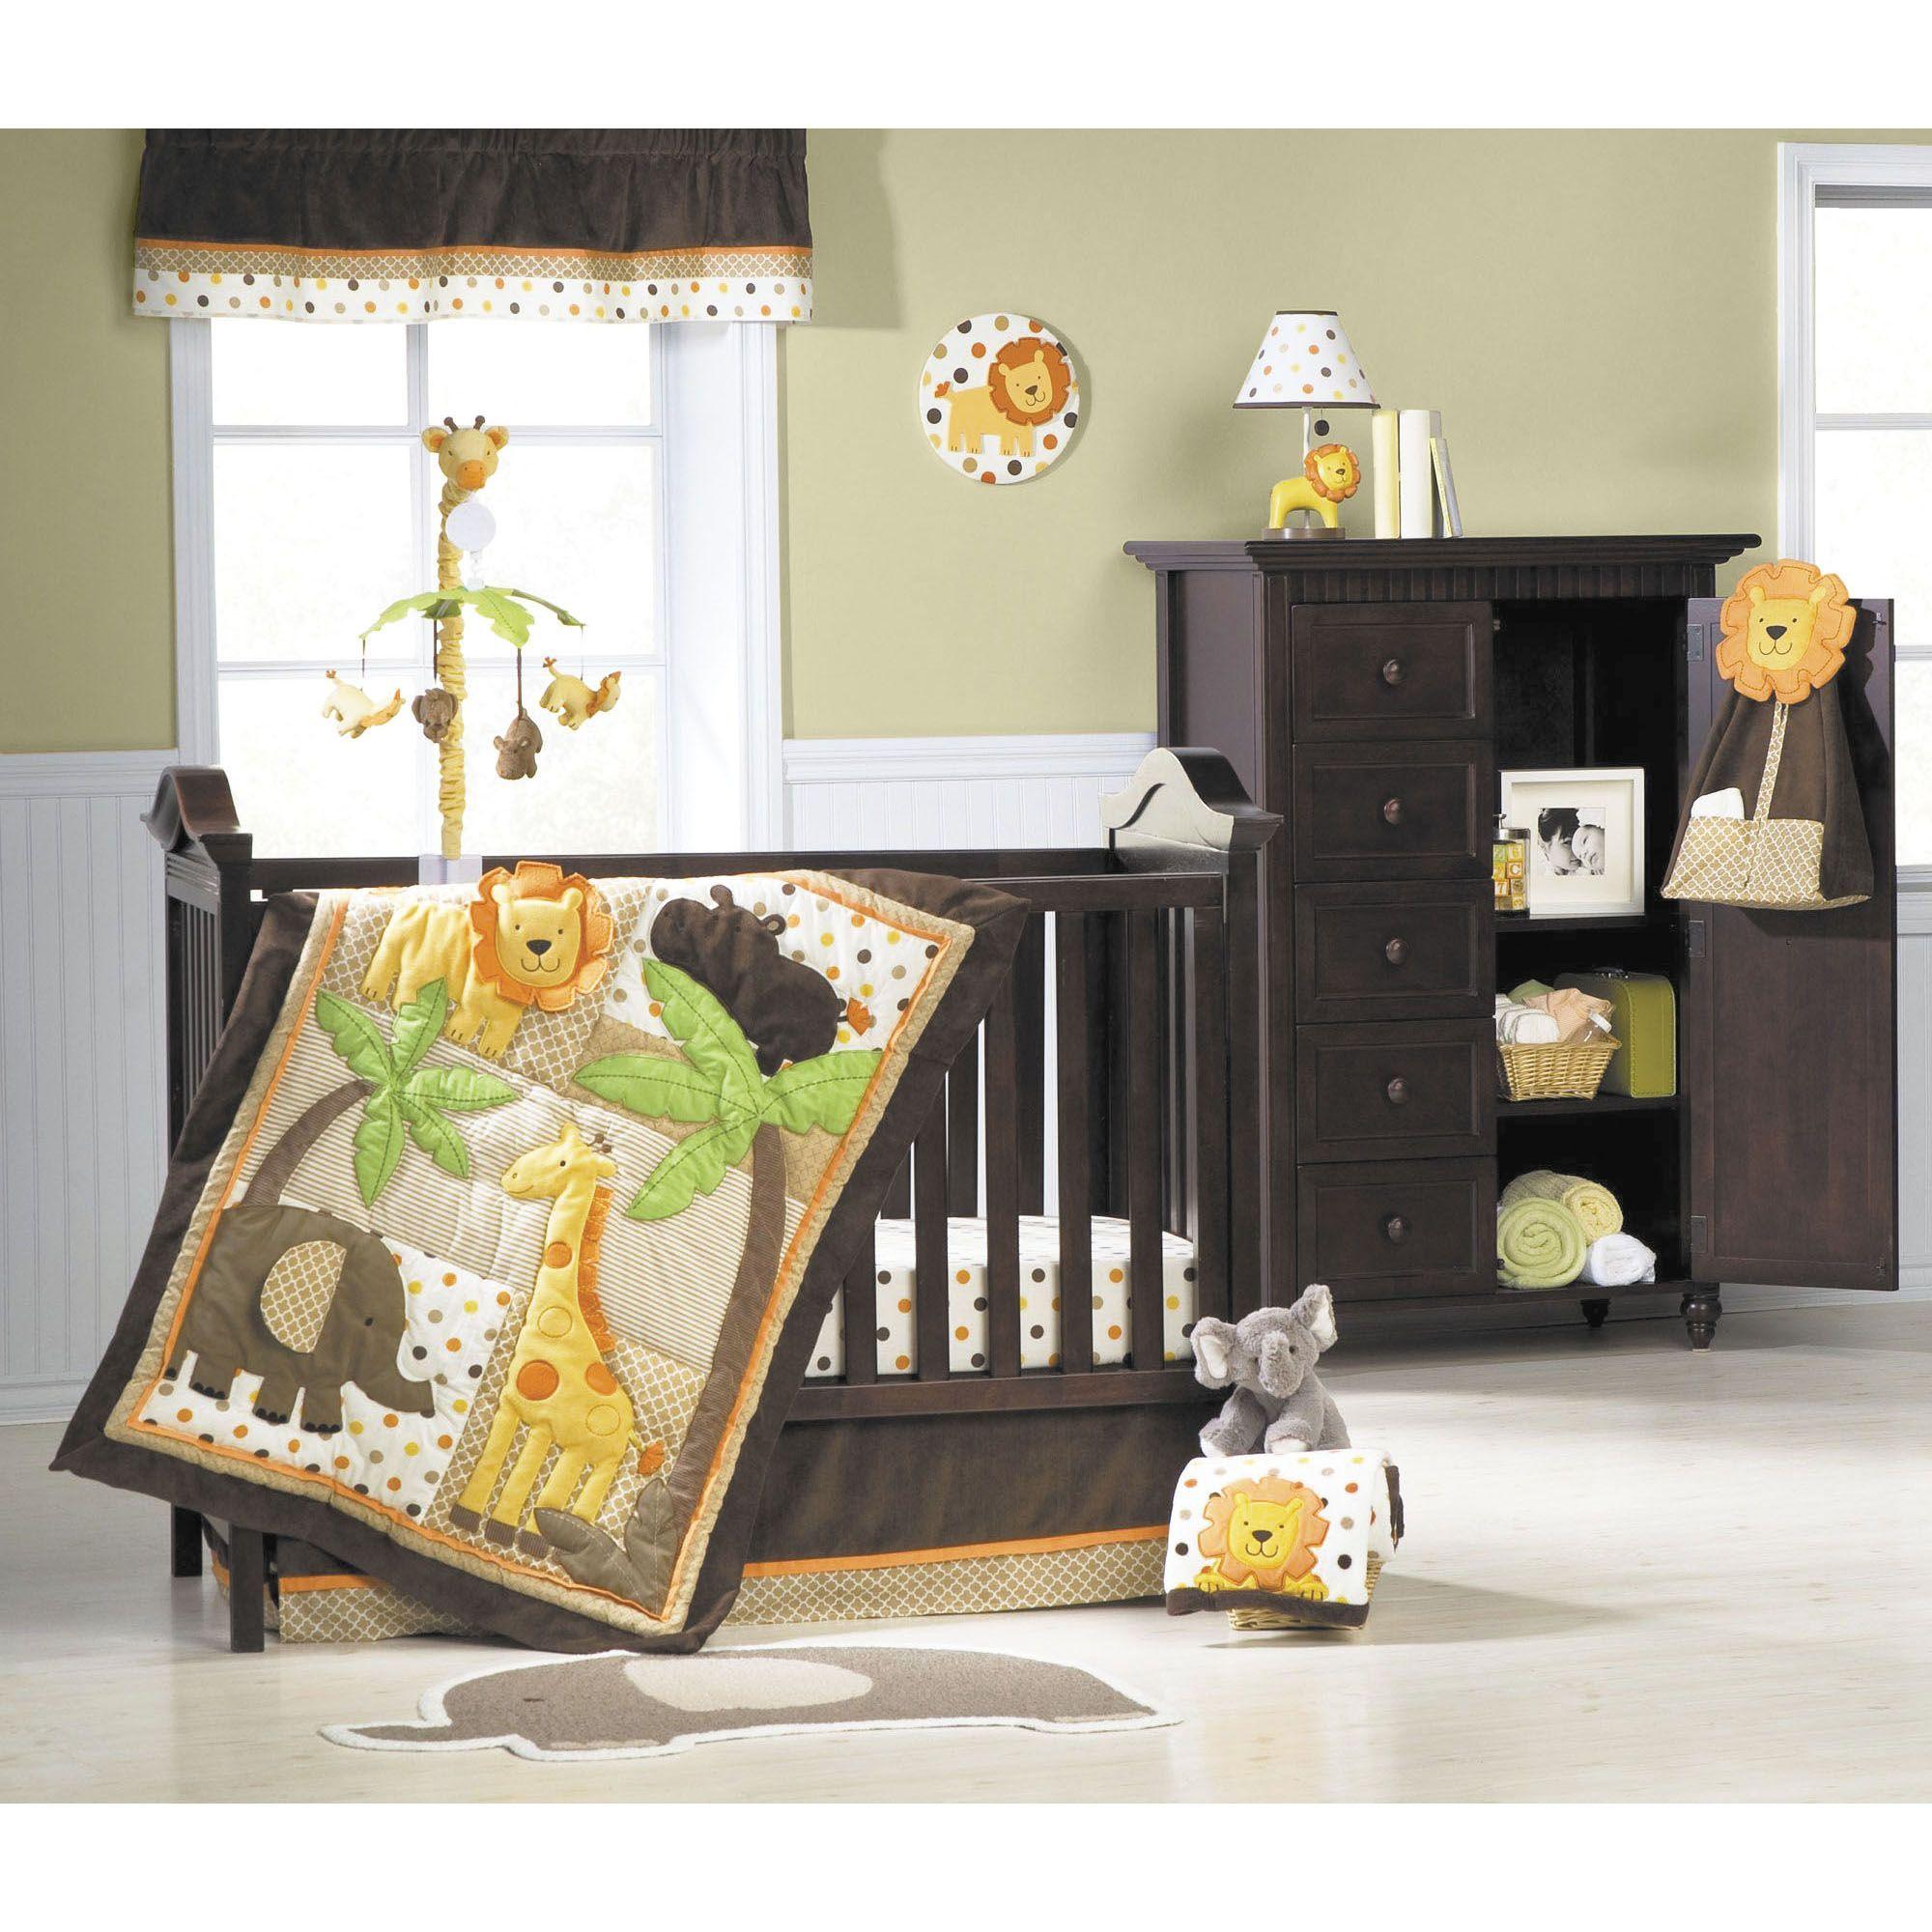 Decoraci n para el cuarto del beb inspirado en la selva - Ideas para decorar el cuarto del bebe ...